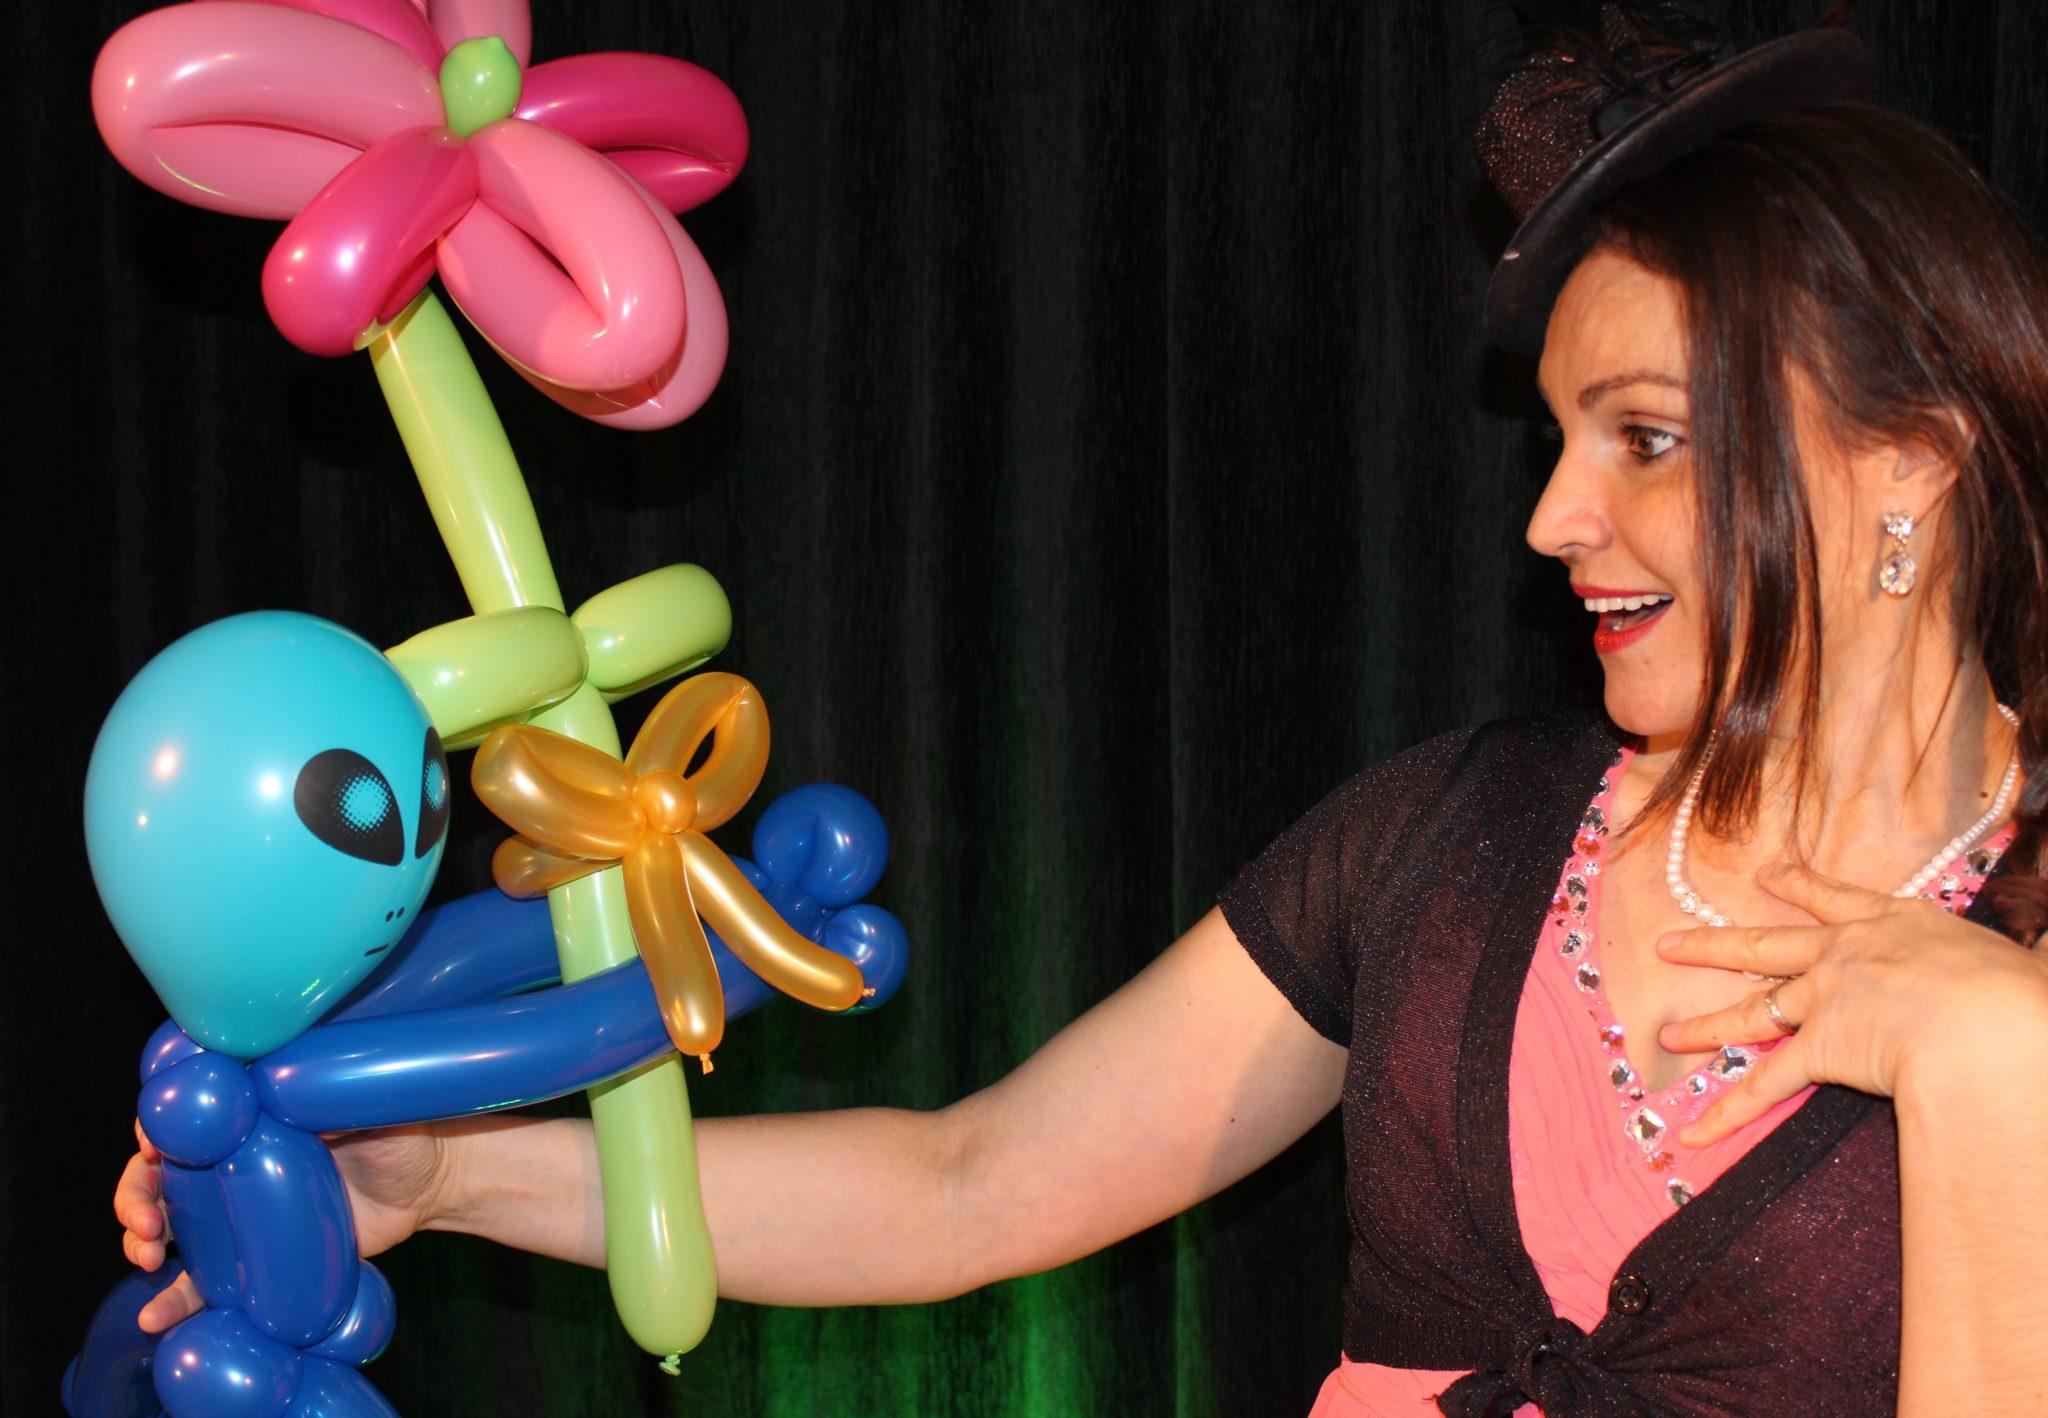 Une magicienne avec dans la main une sculpture sur ballon représentant un extra terrestre qui lui offre un bouquet de fleur.